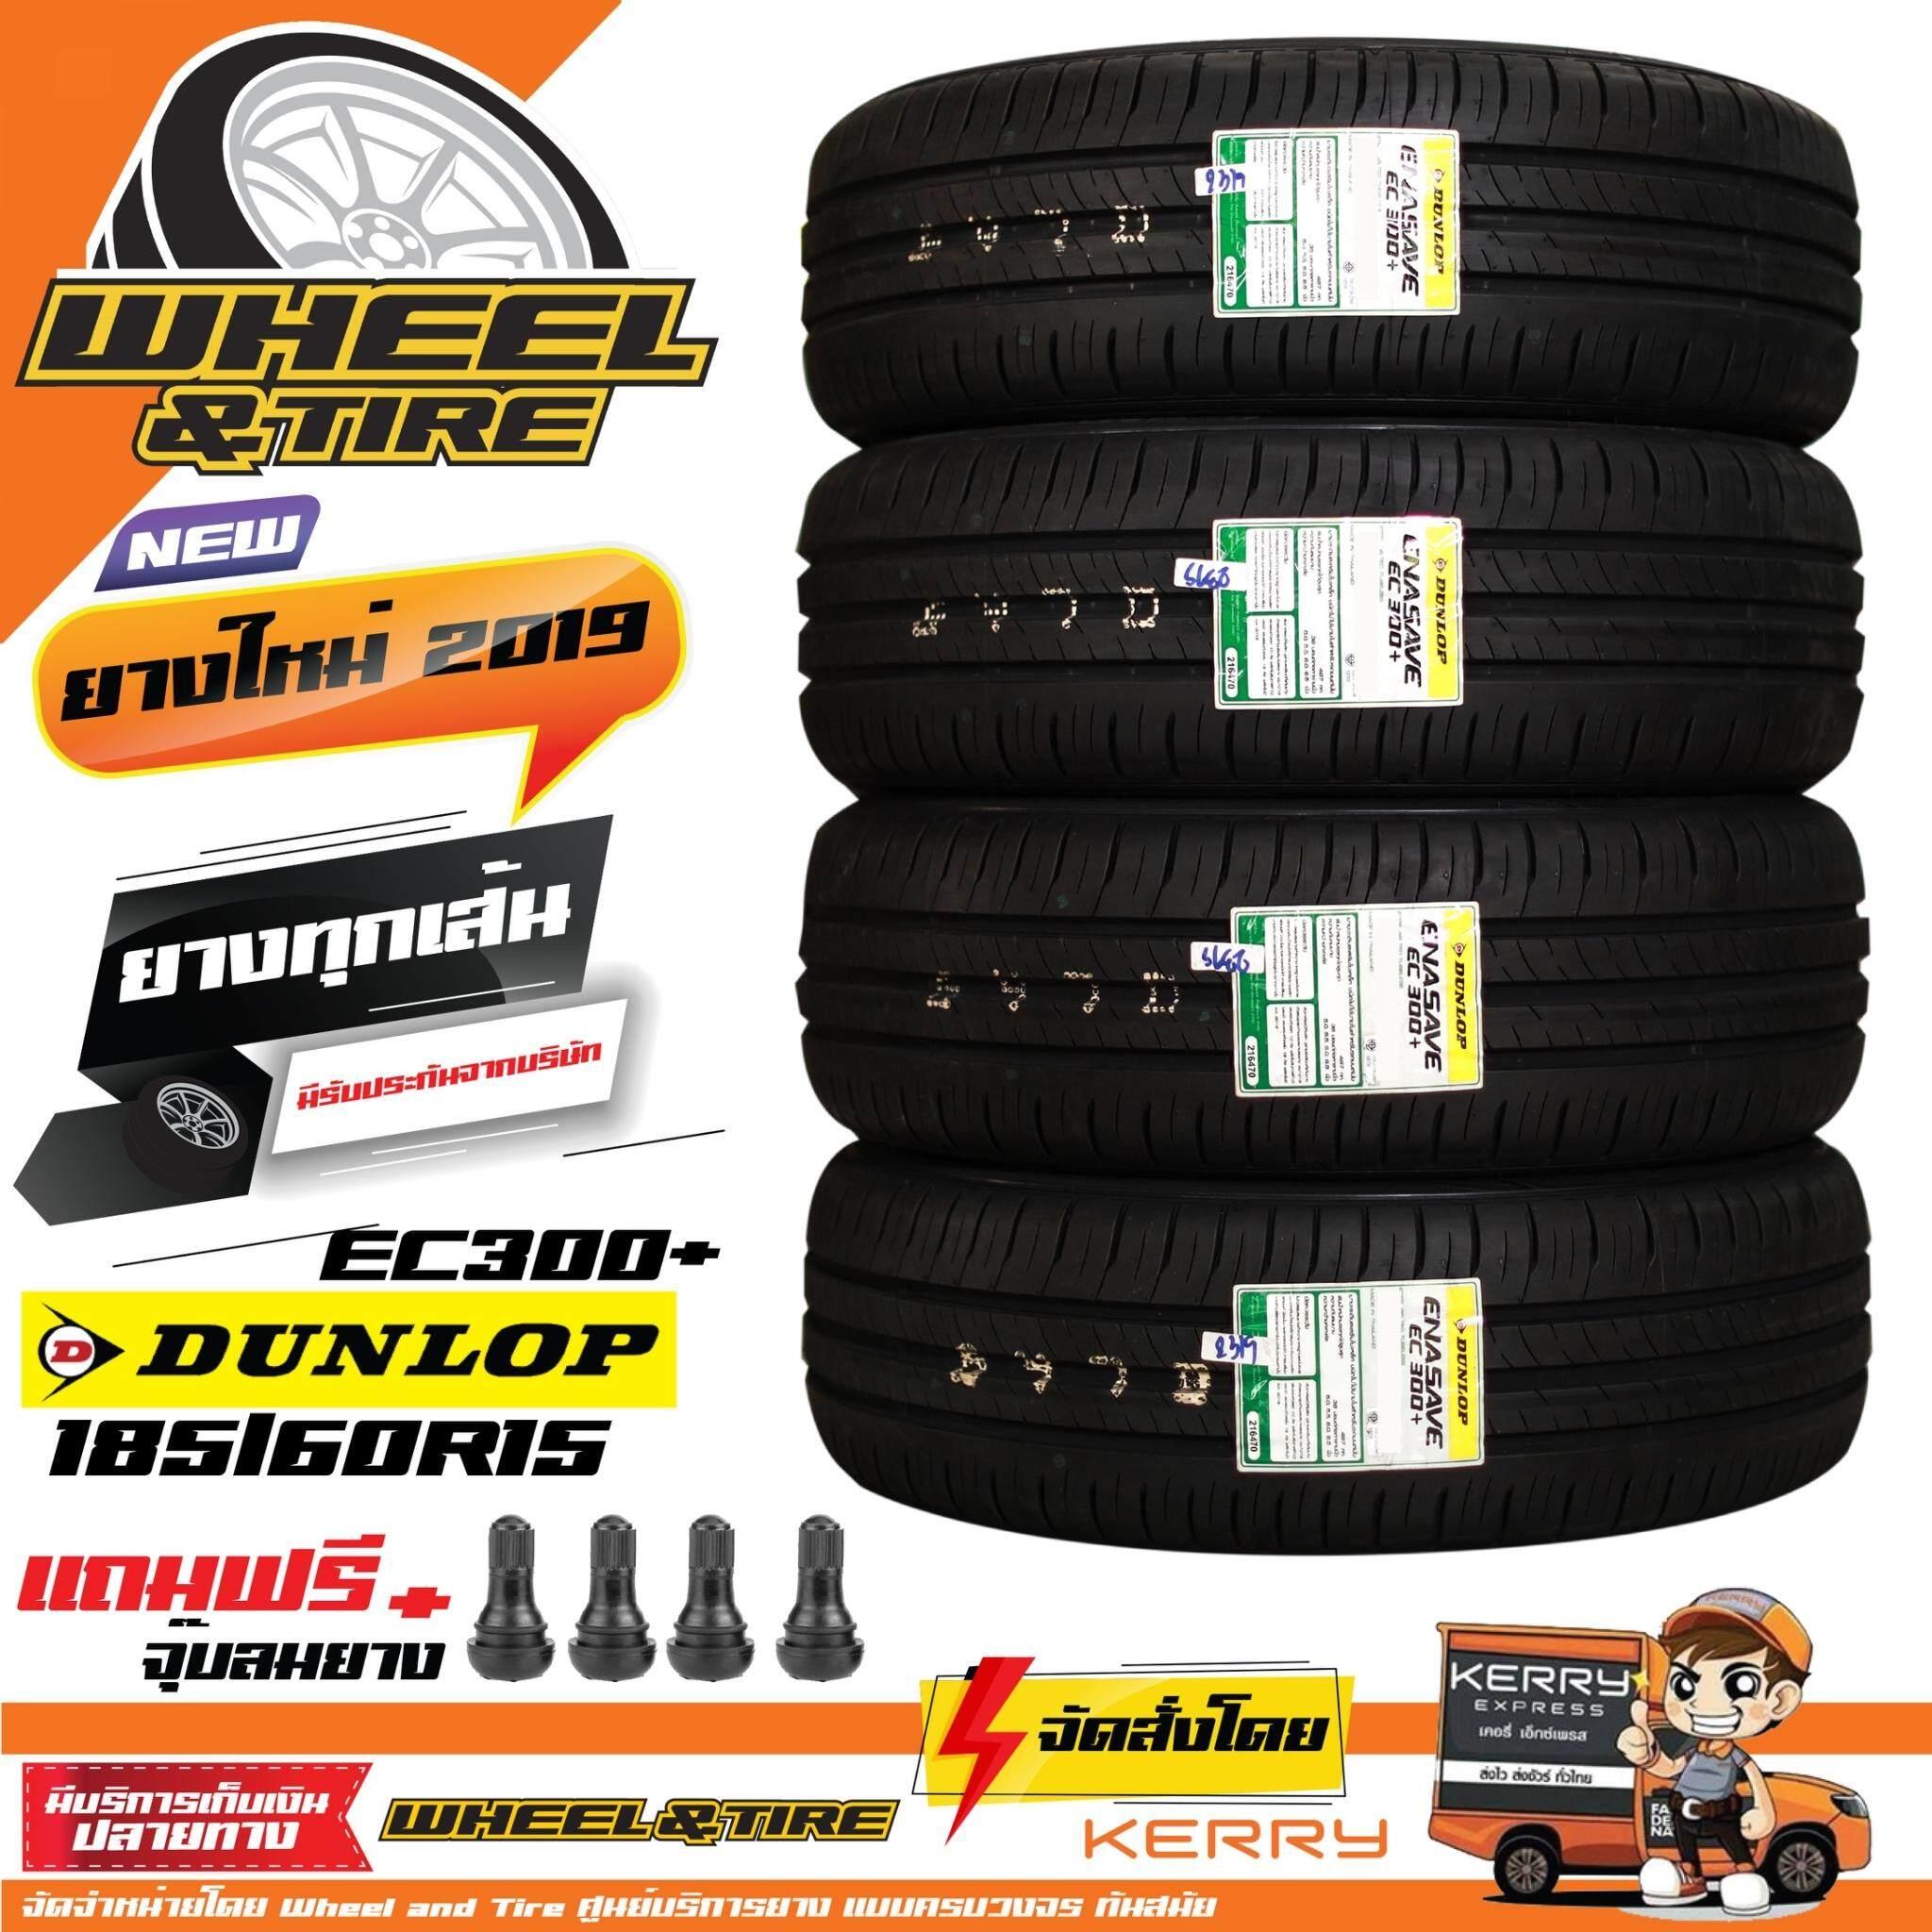 ประกันภัย รถยนต์ แบบ ผ่อน ได้ จันทบุรี Dunlop ยางรถยนต์ 185/60R15 รุ่น EC300+ จำนวน 4 เส้น  ยางใหม่ปี 2019  แถมฟรีจุ๊บลมยาง 4 ชิ้น